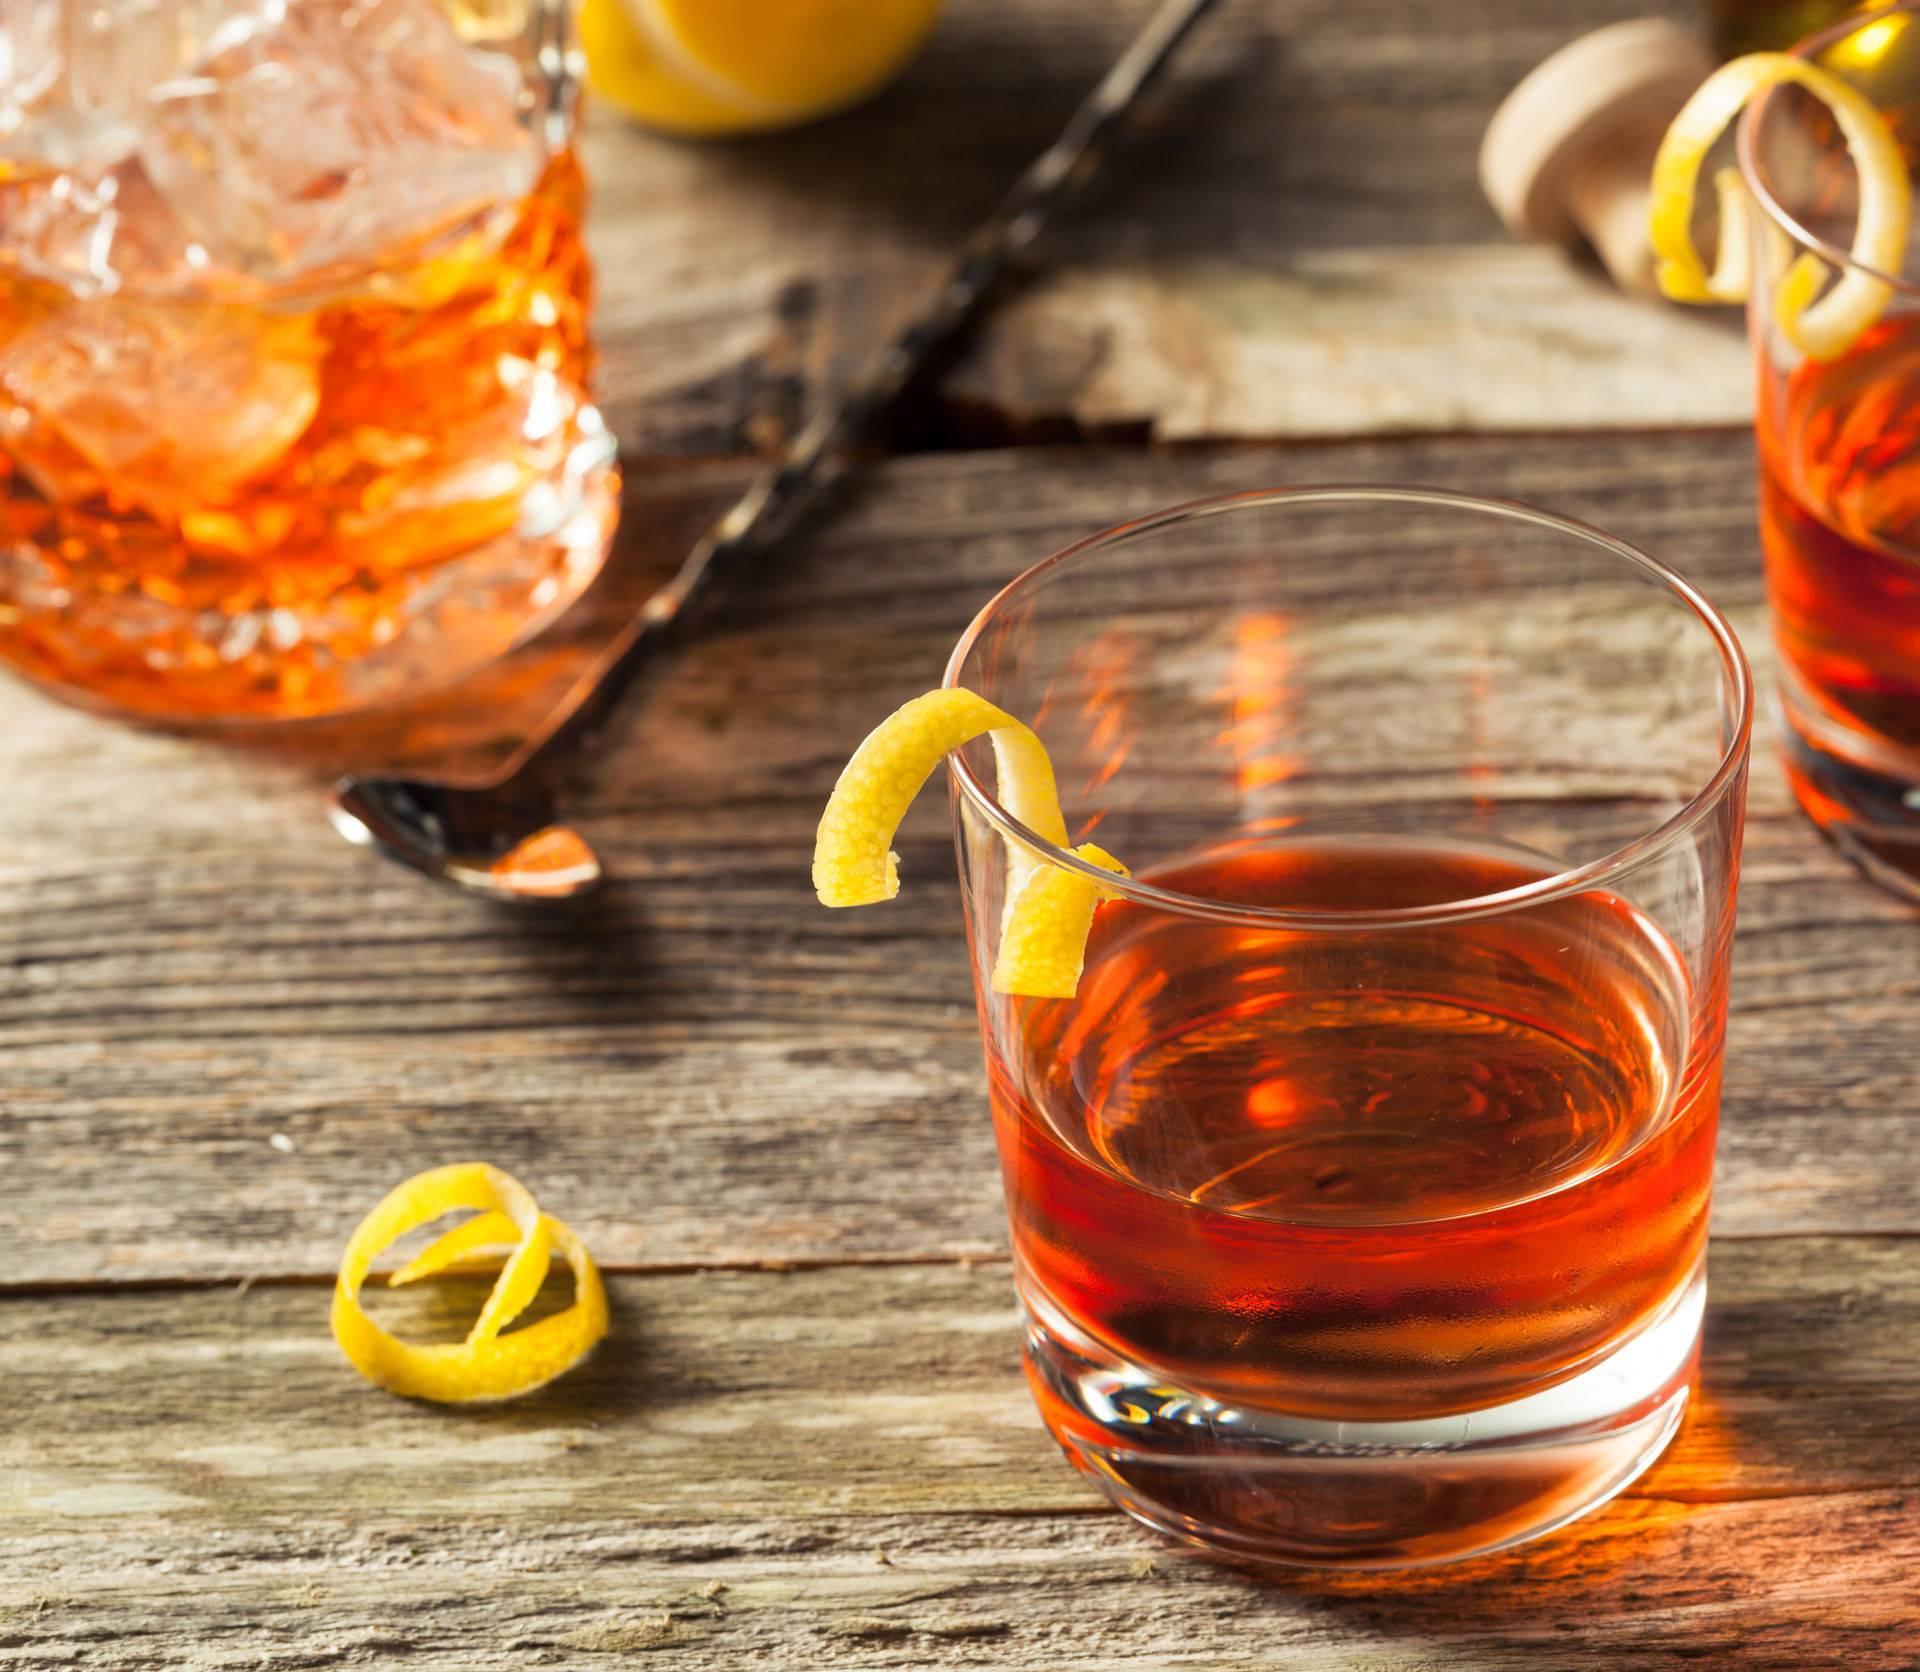 Prema istraživanju, jedno je alkoholno piće dnevno dovoljno